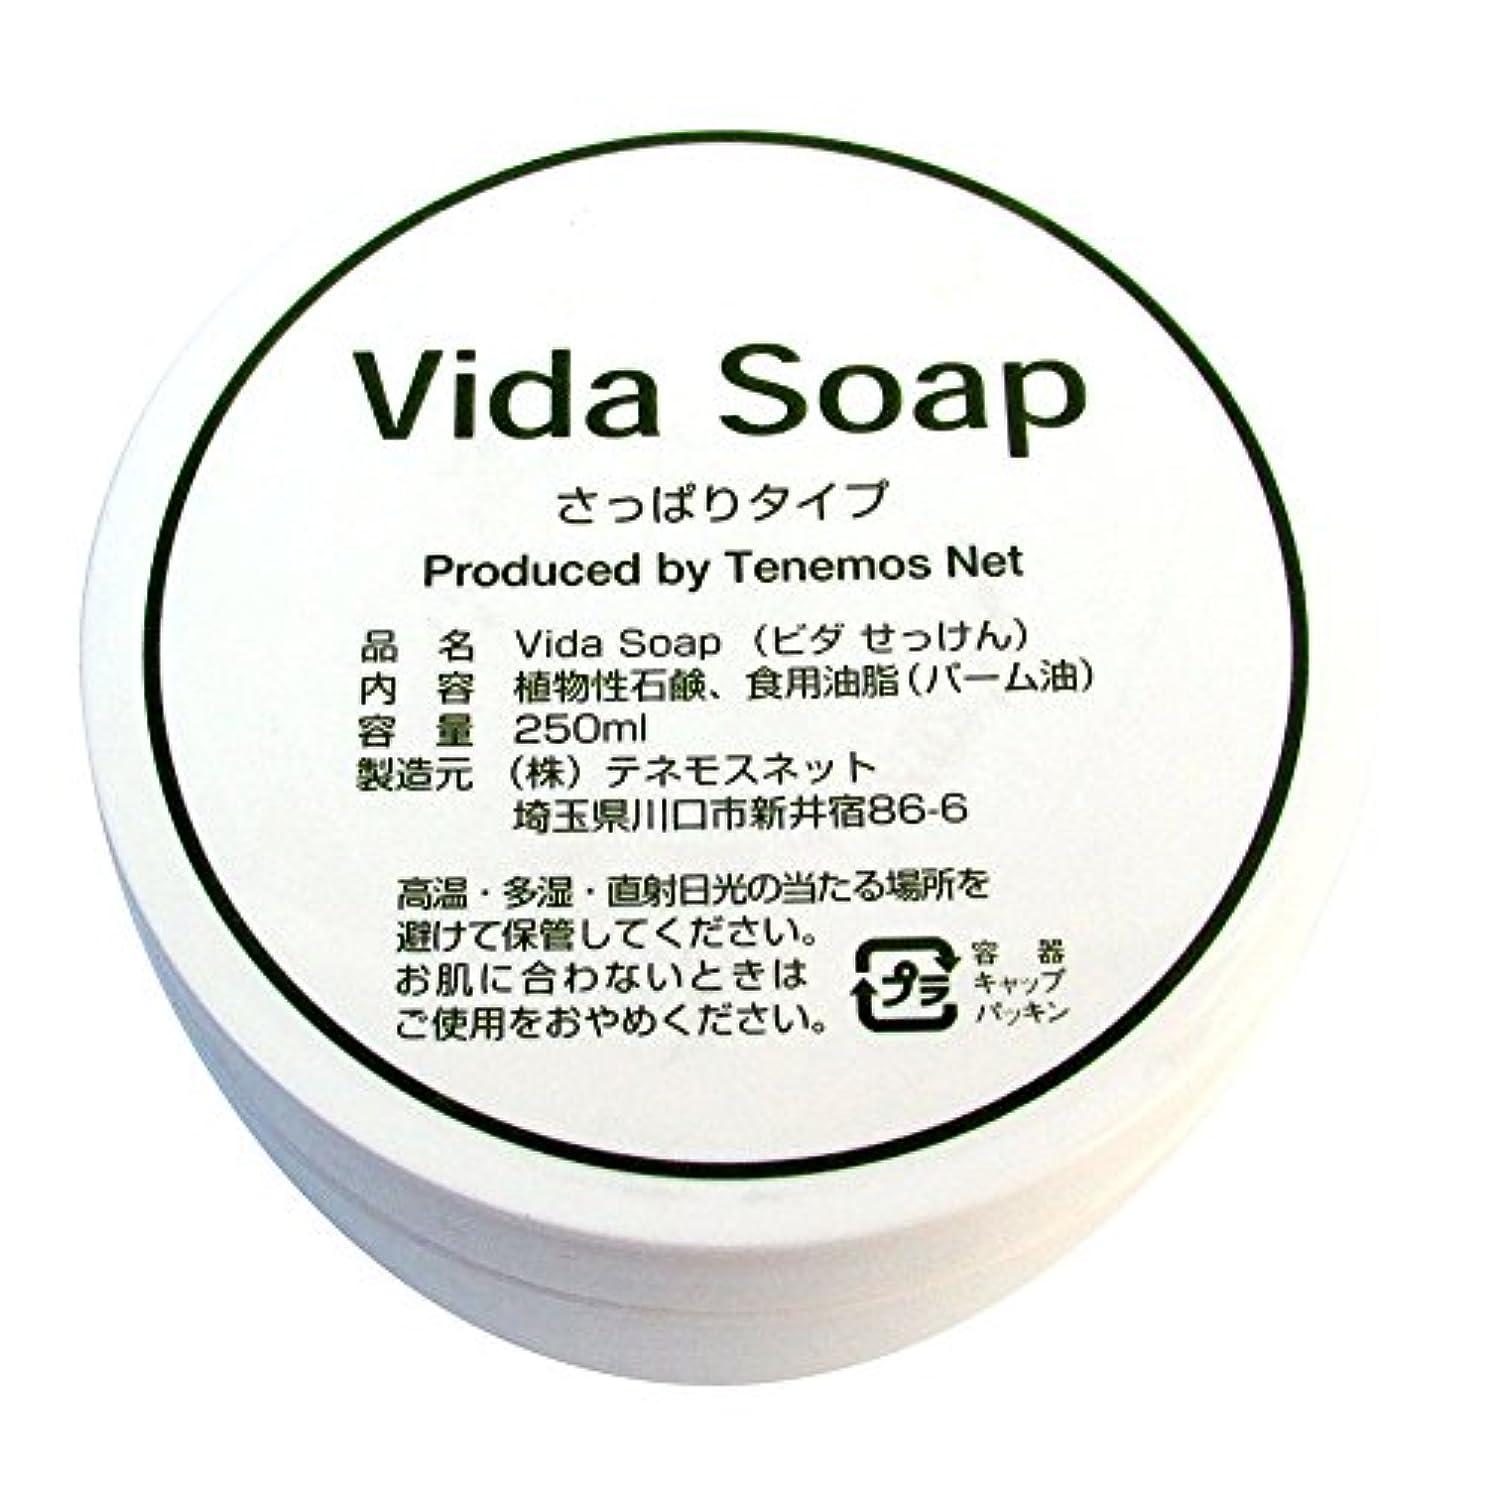 任意群集ビヨンテネモス ビダせっけん Vida Soap さっぱりノーマル 植物性 250ml